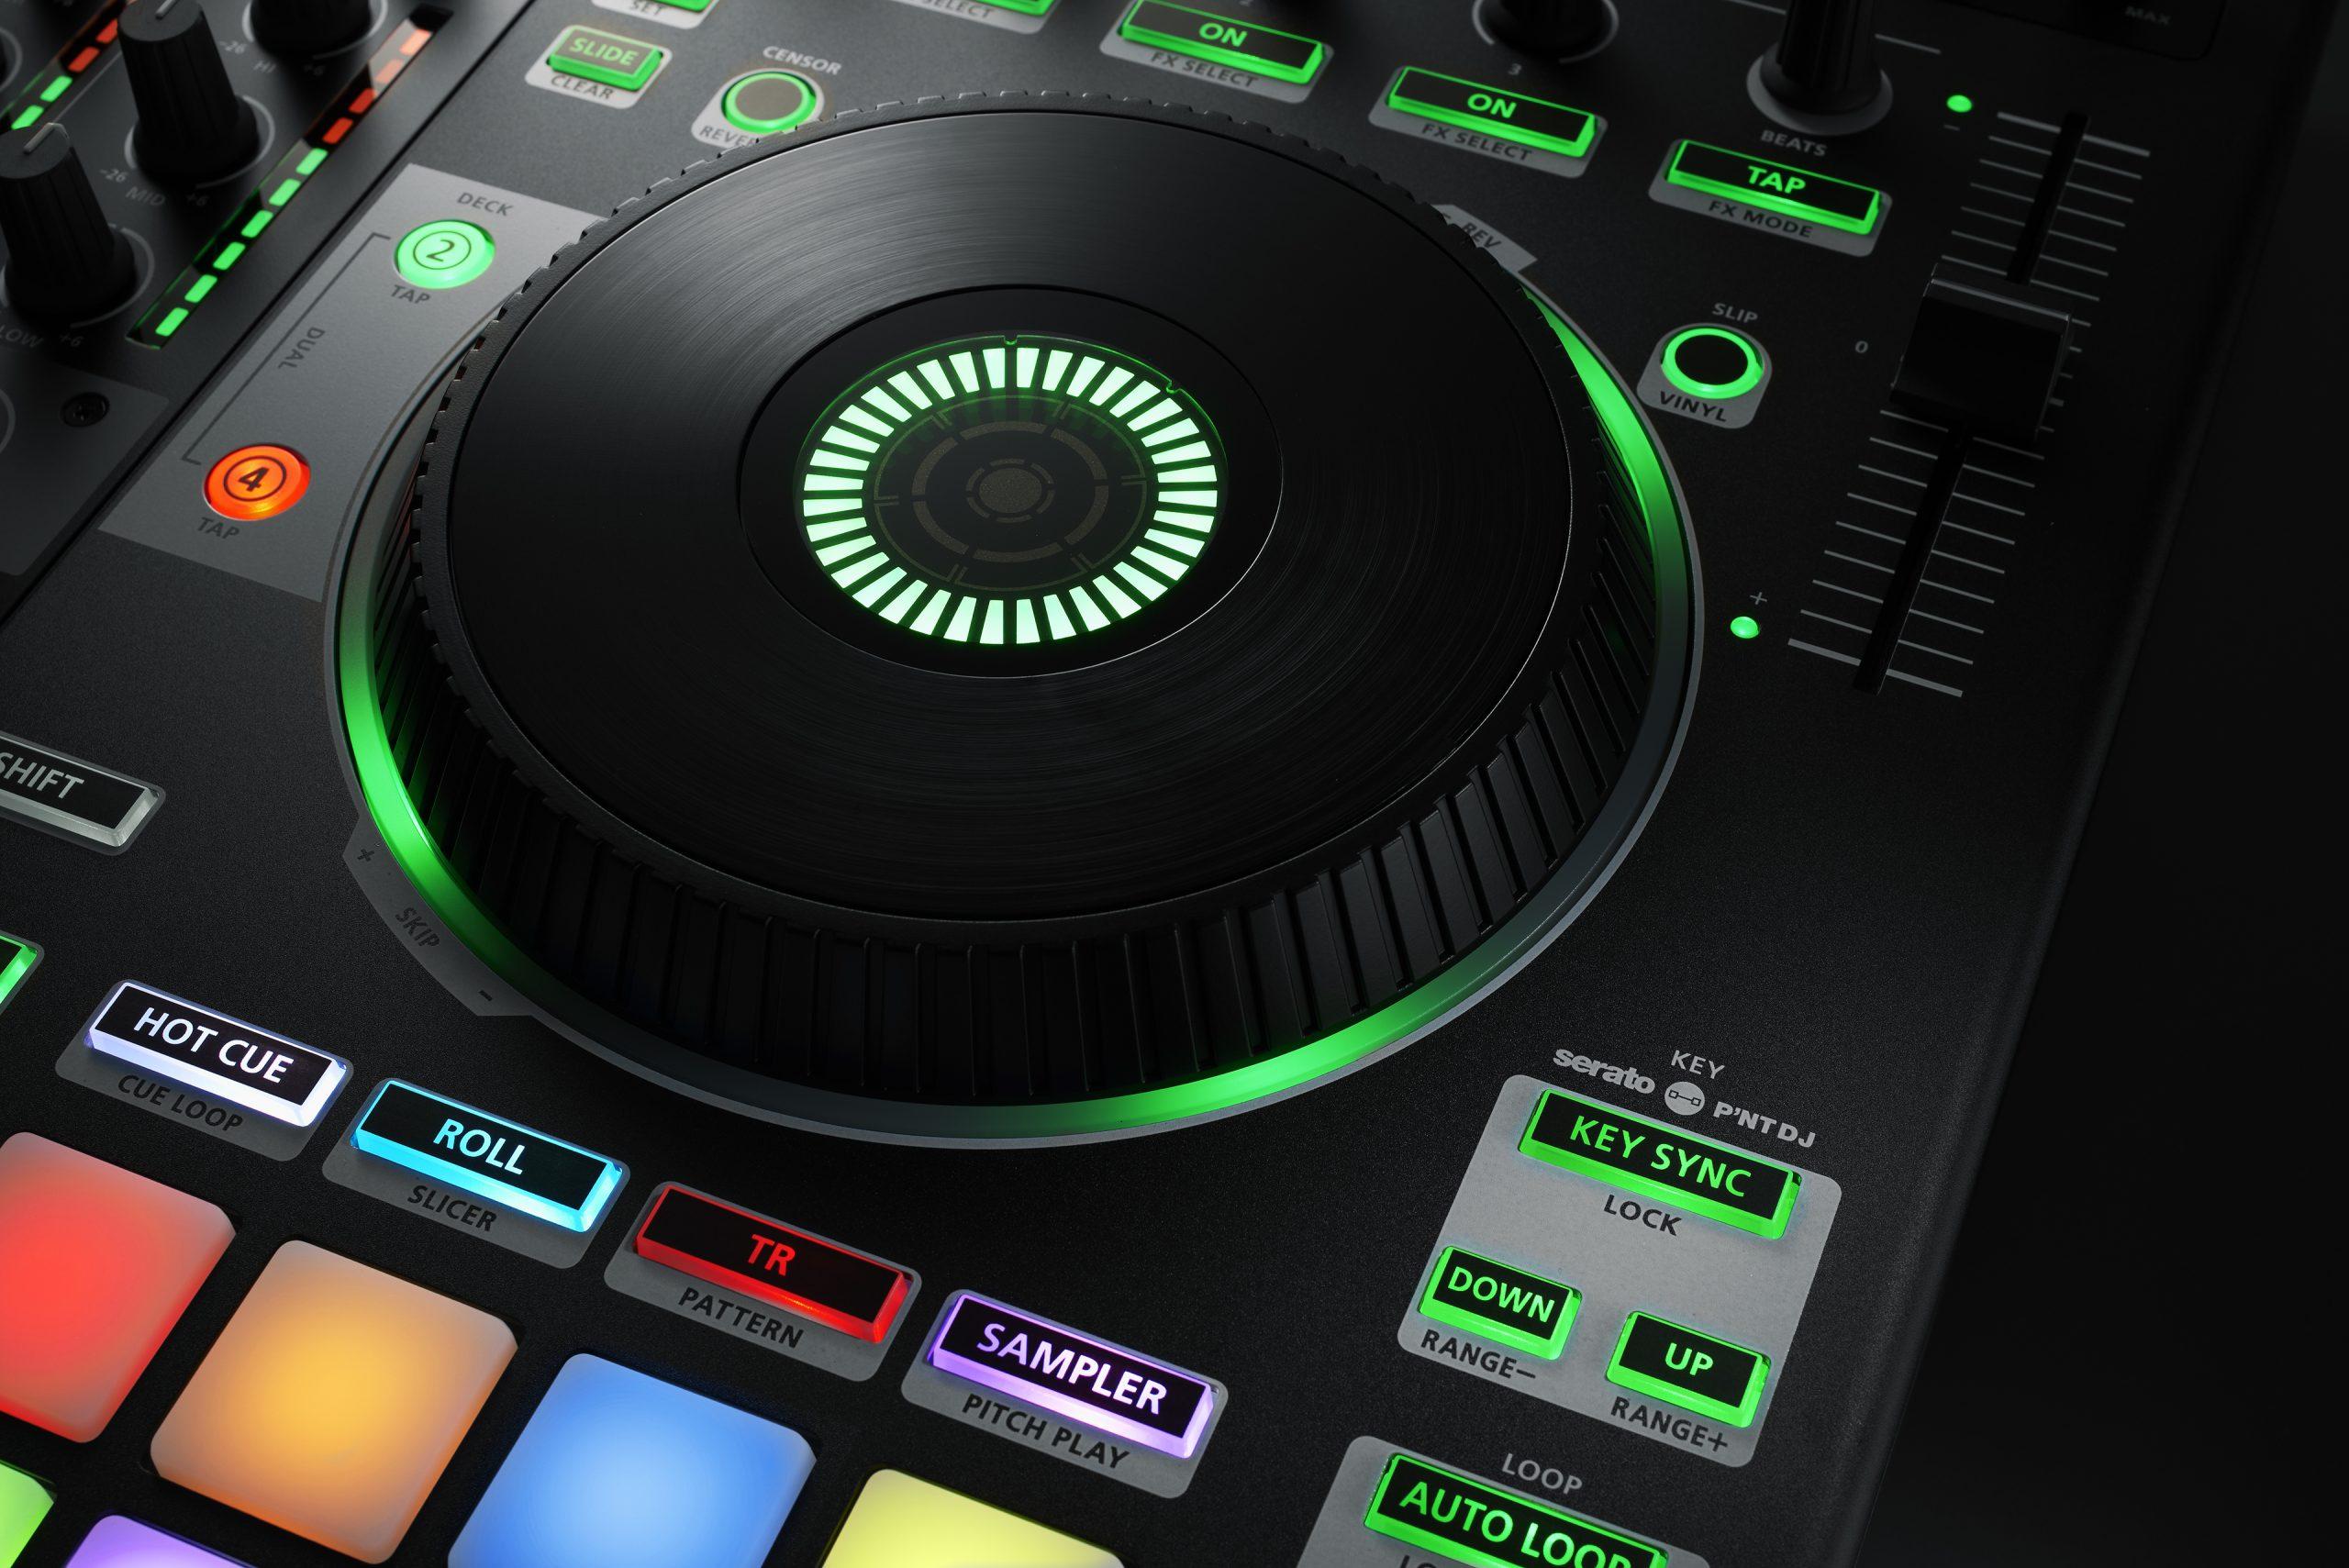 DJ-808_IMG4_IN